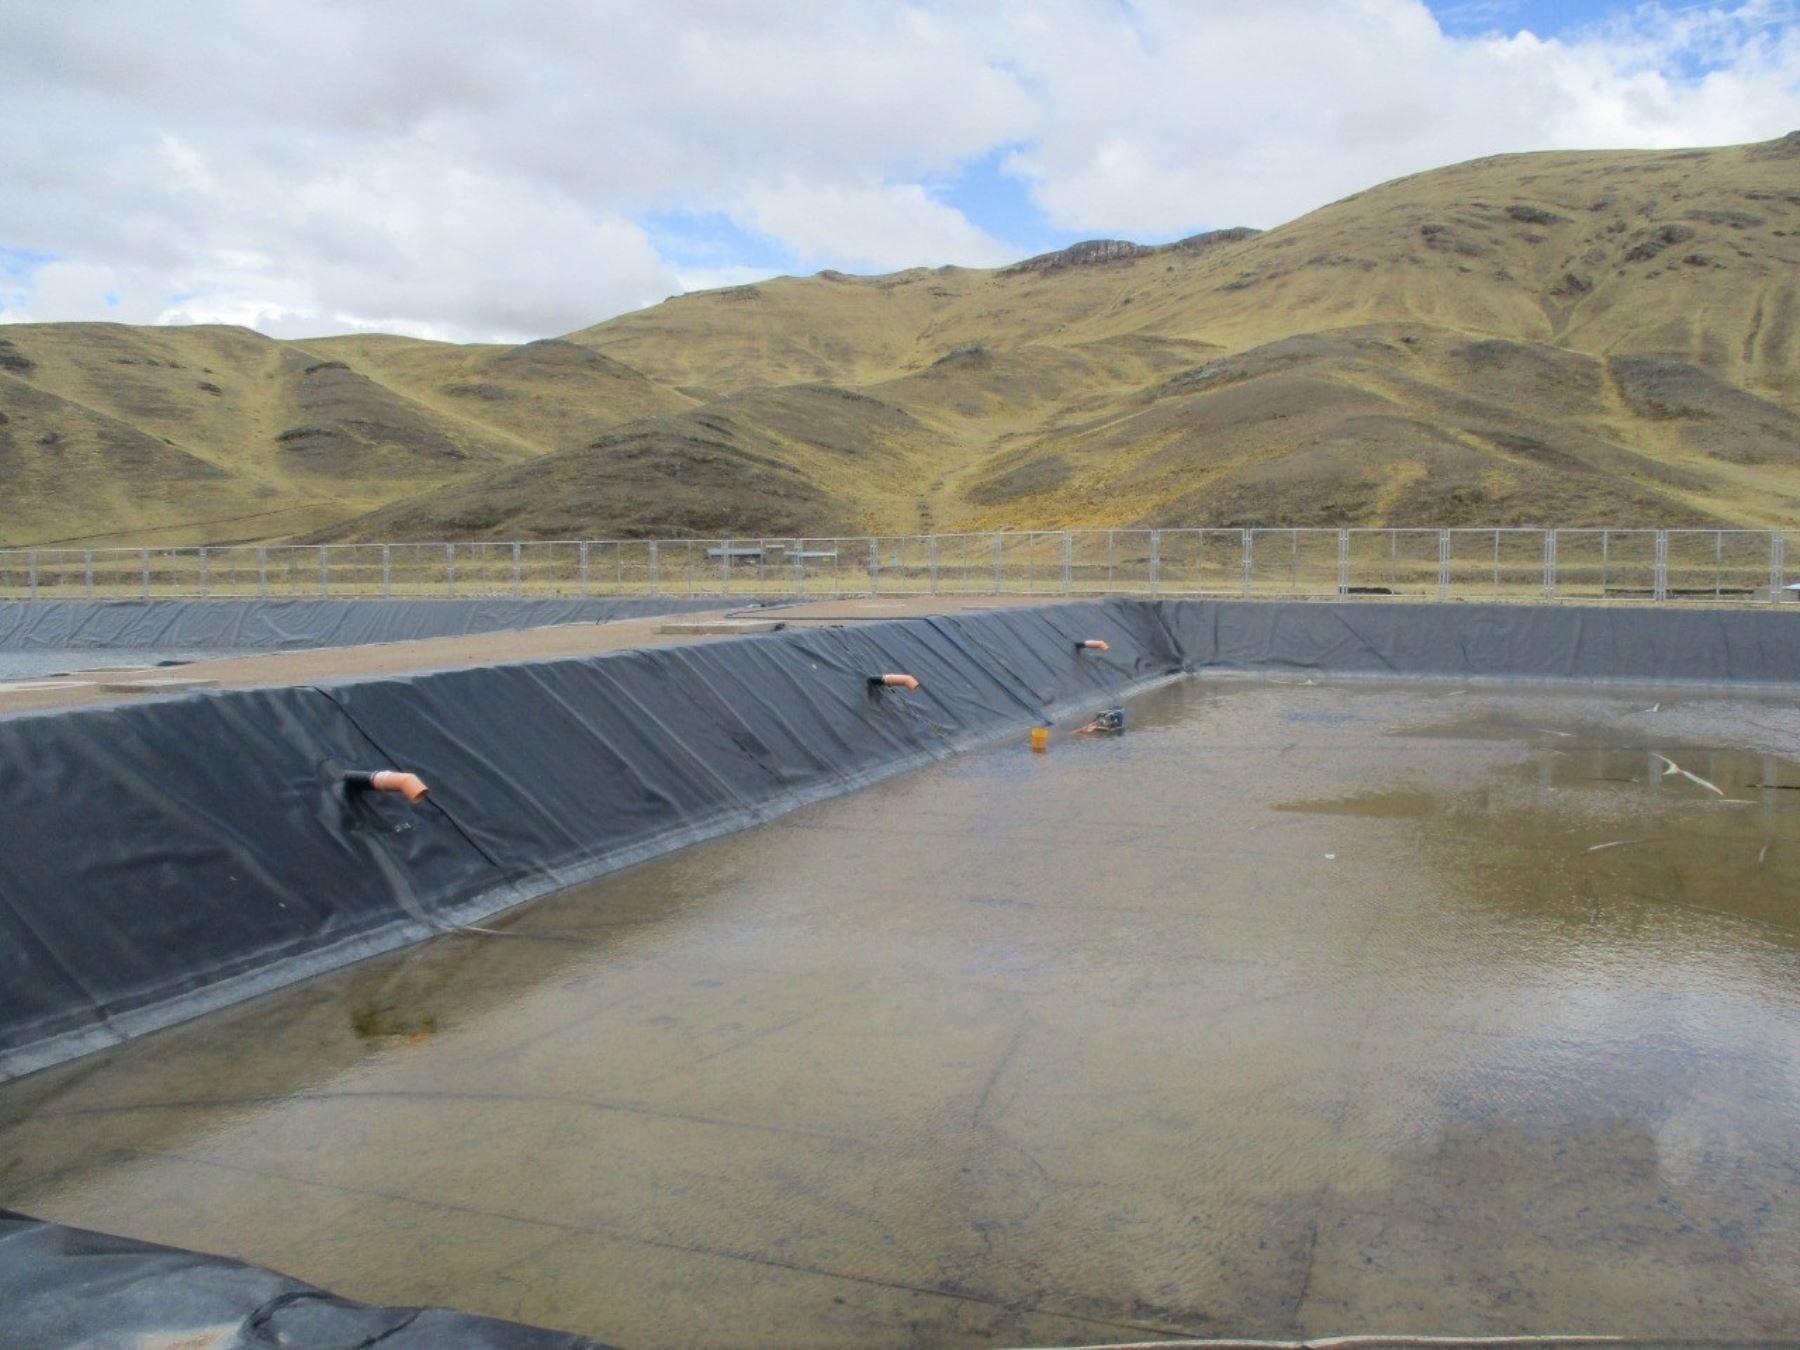 Culminan trabajos de proyecto de saneamiento en distrito de Antauta, región Puno, que fue ejecutado mediante el mecanismo de Obras por Impuestos, resaltó el Ministerio de Vivienda, Construcción y Saneamiento. ANDINA/Difusión